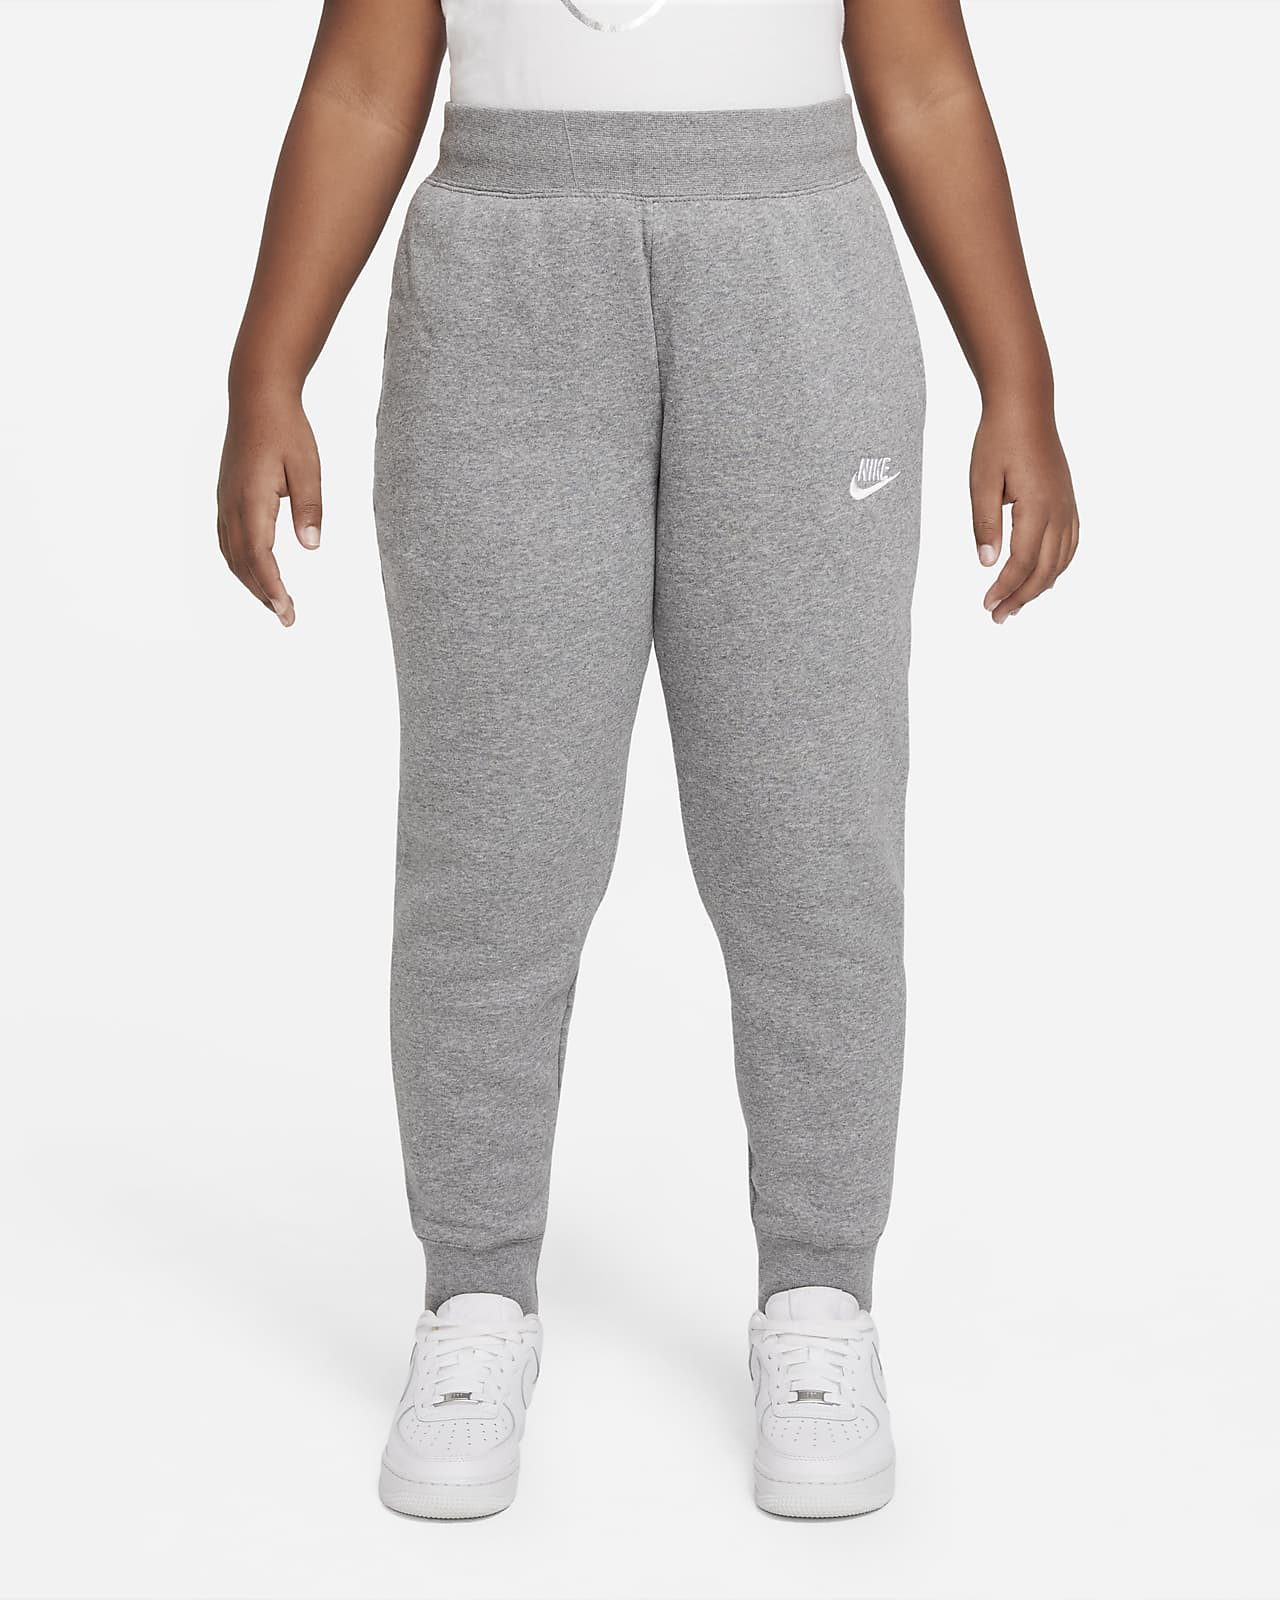 Nike Sportswear Club Fleece Big Hose für ältere Kinder (Mädchen) (große Größe)